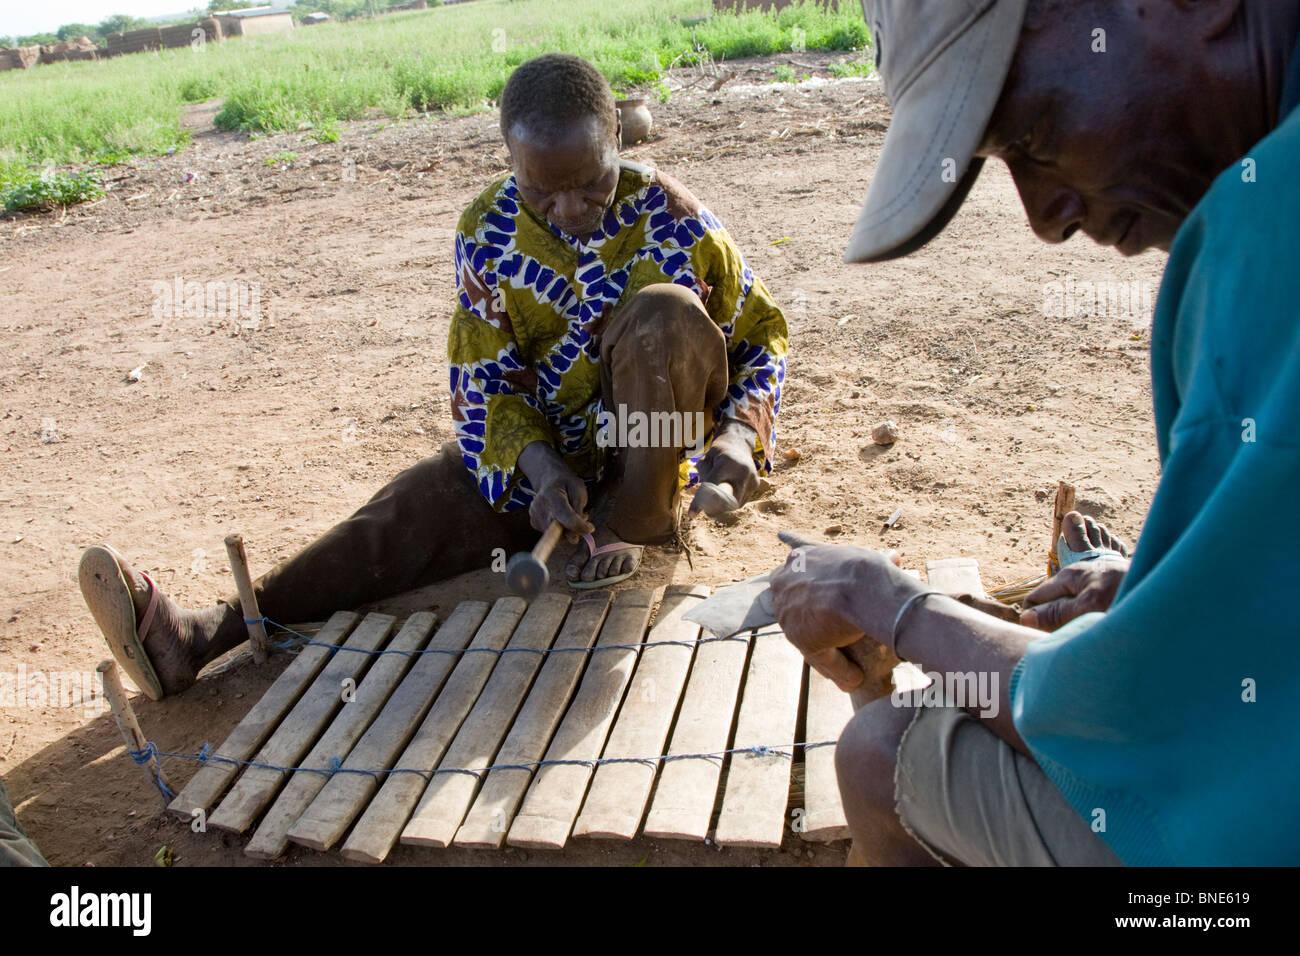 Lobi xylophone player, Talawona, Wechiau Community Hippo Sanctuary, near Wa, Ghana. - Stock Image